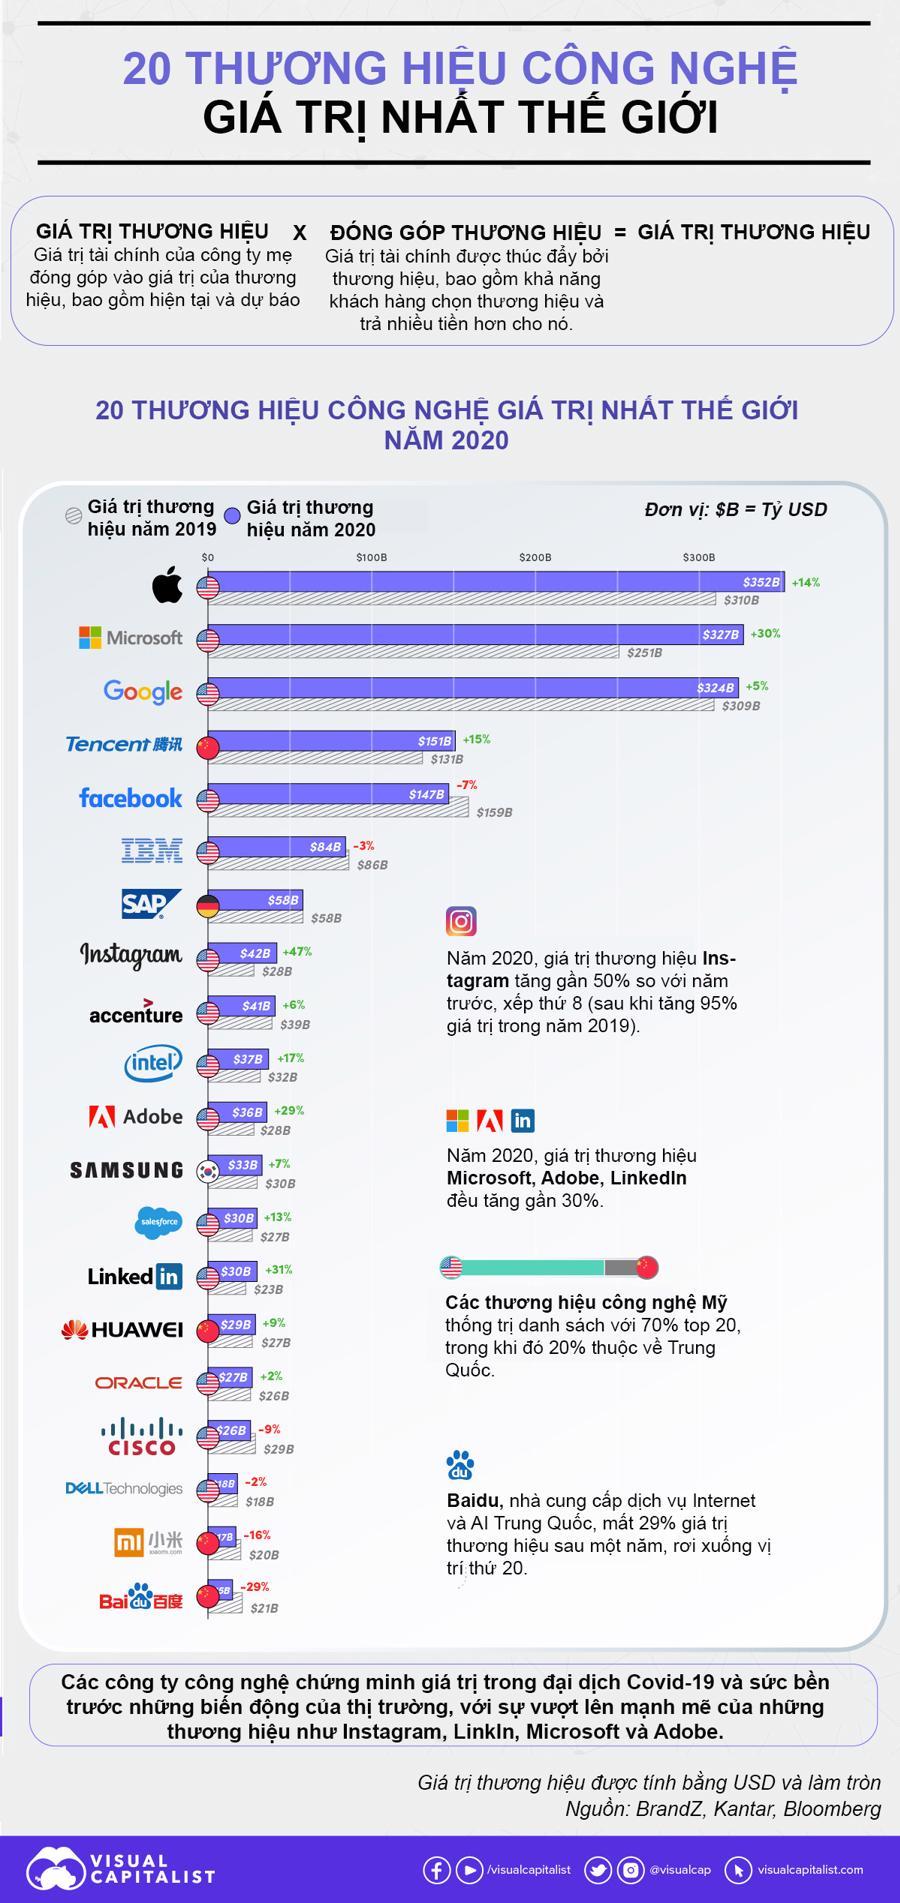 20 thương hiệu công nghệ giá trị nhất thế giới, 70% đến từ Mỹ - Ảnh 1.